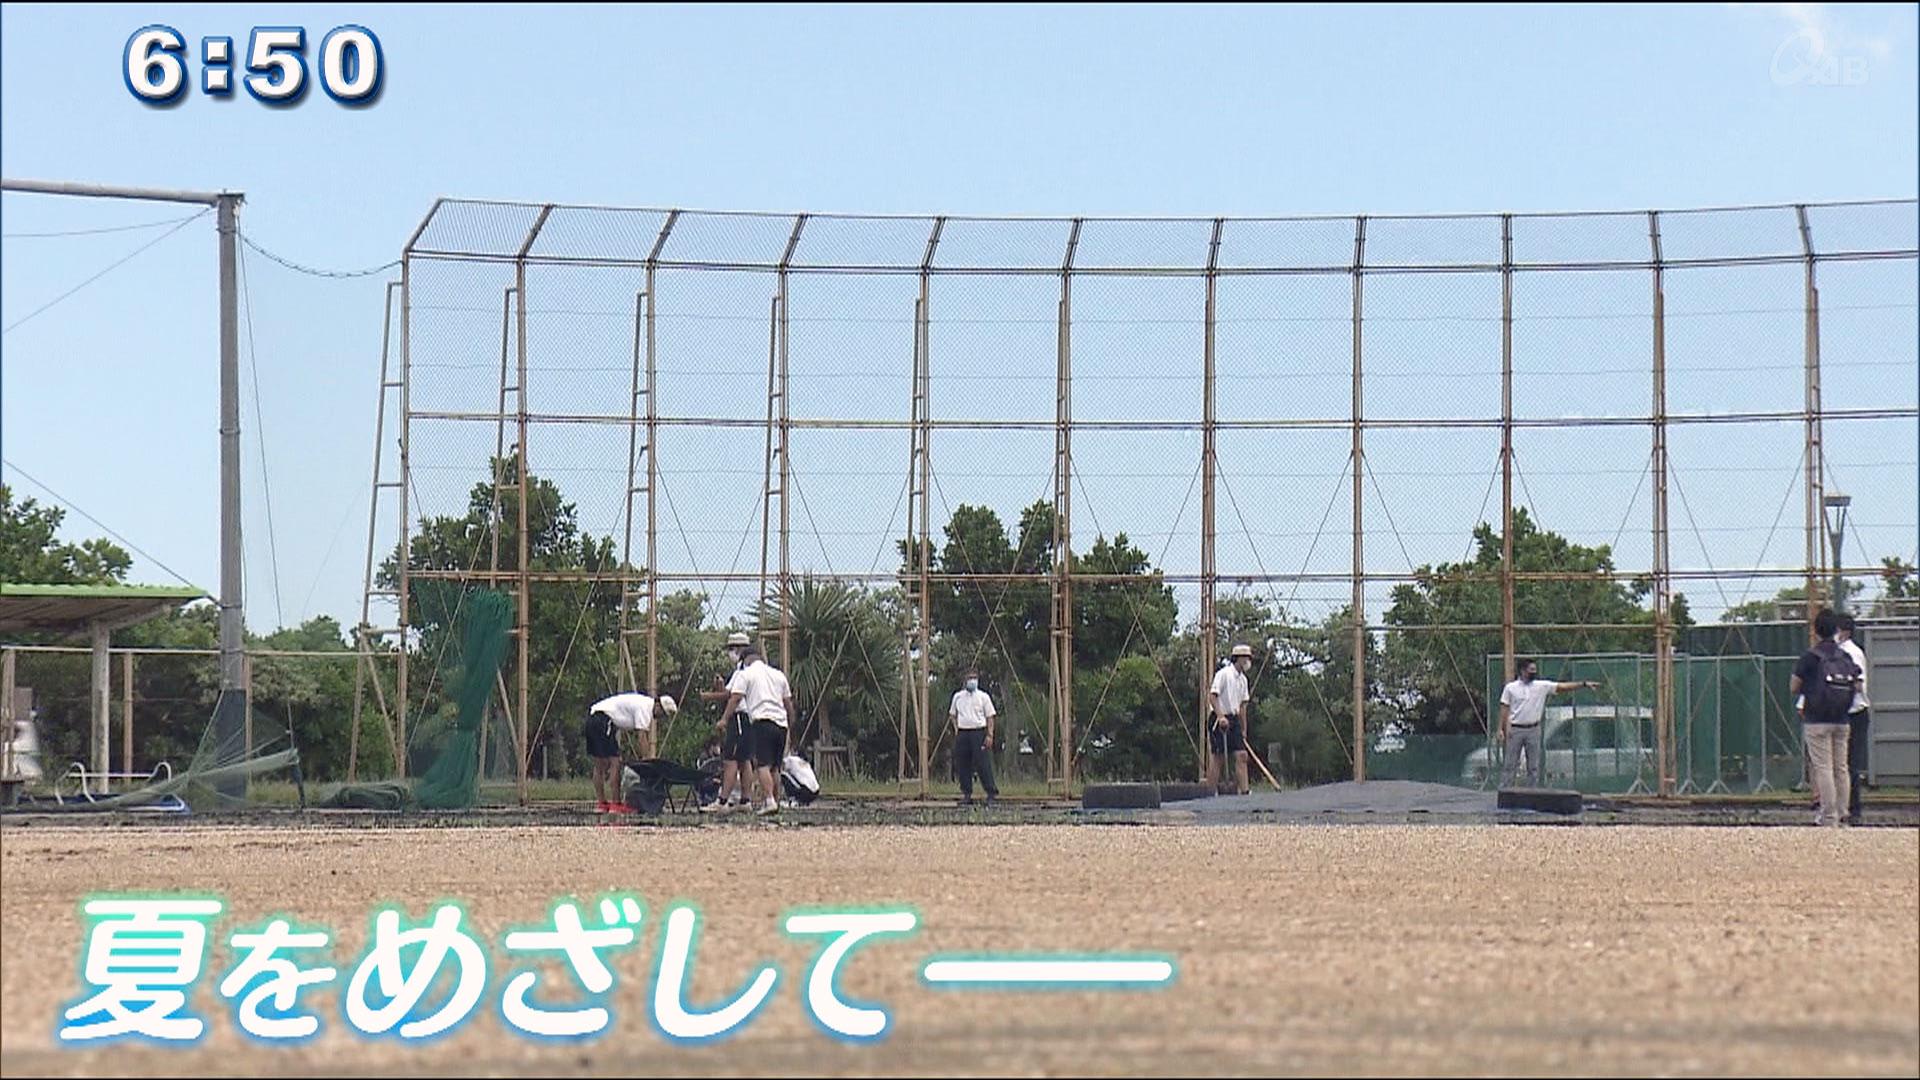 沖縄独自大会開催 新たな目標に向けて